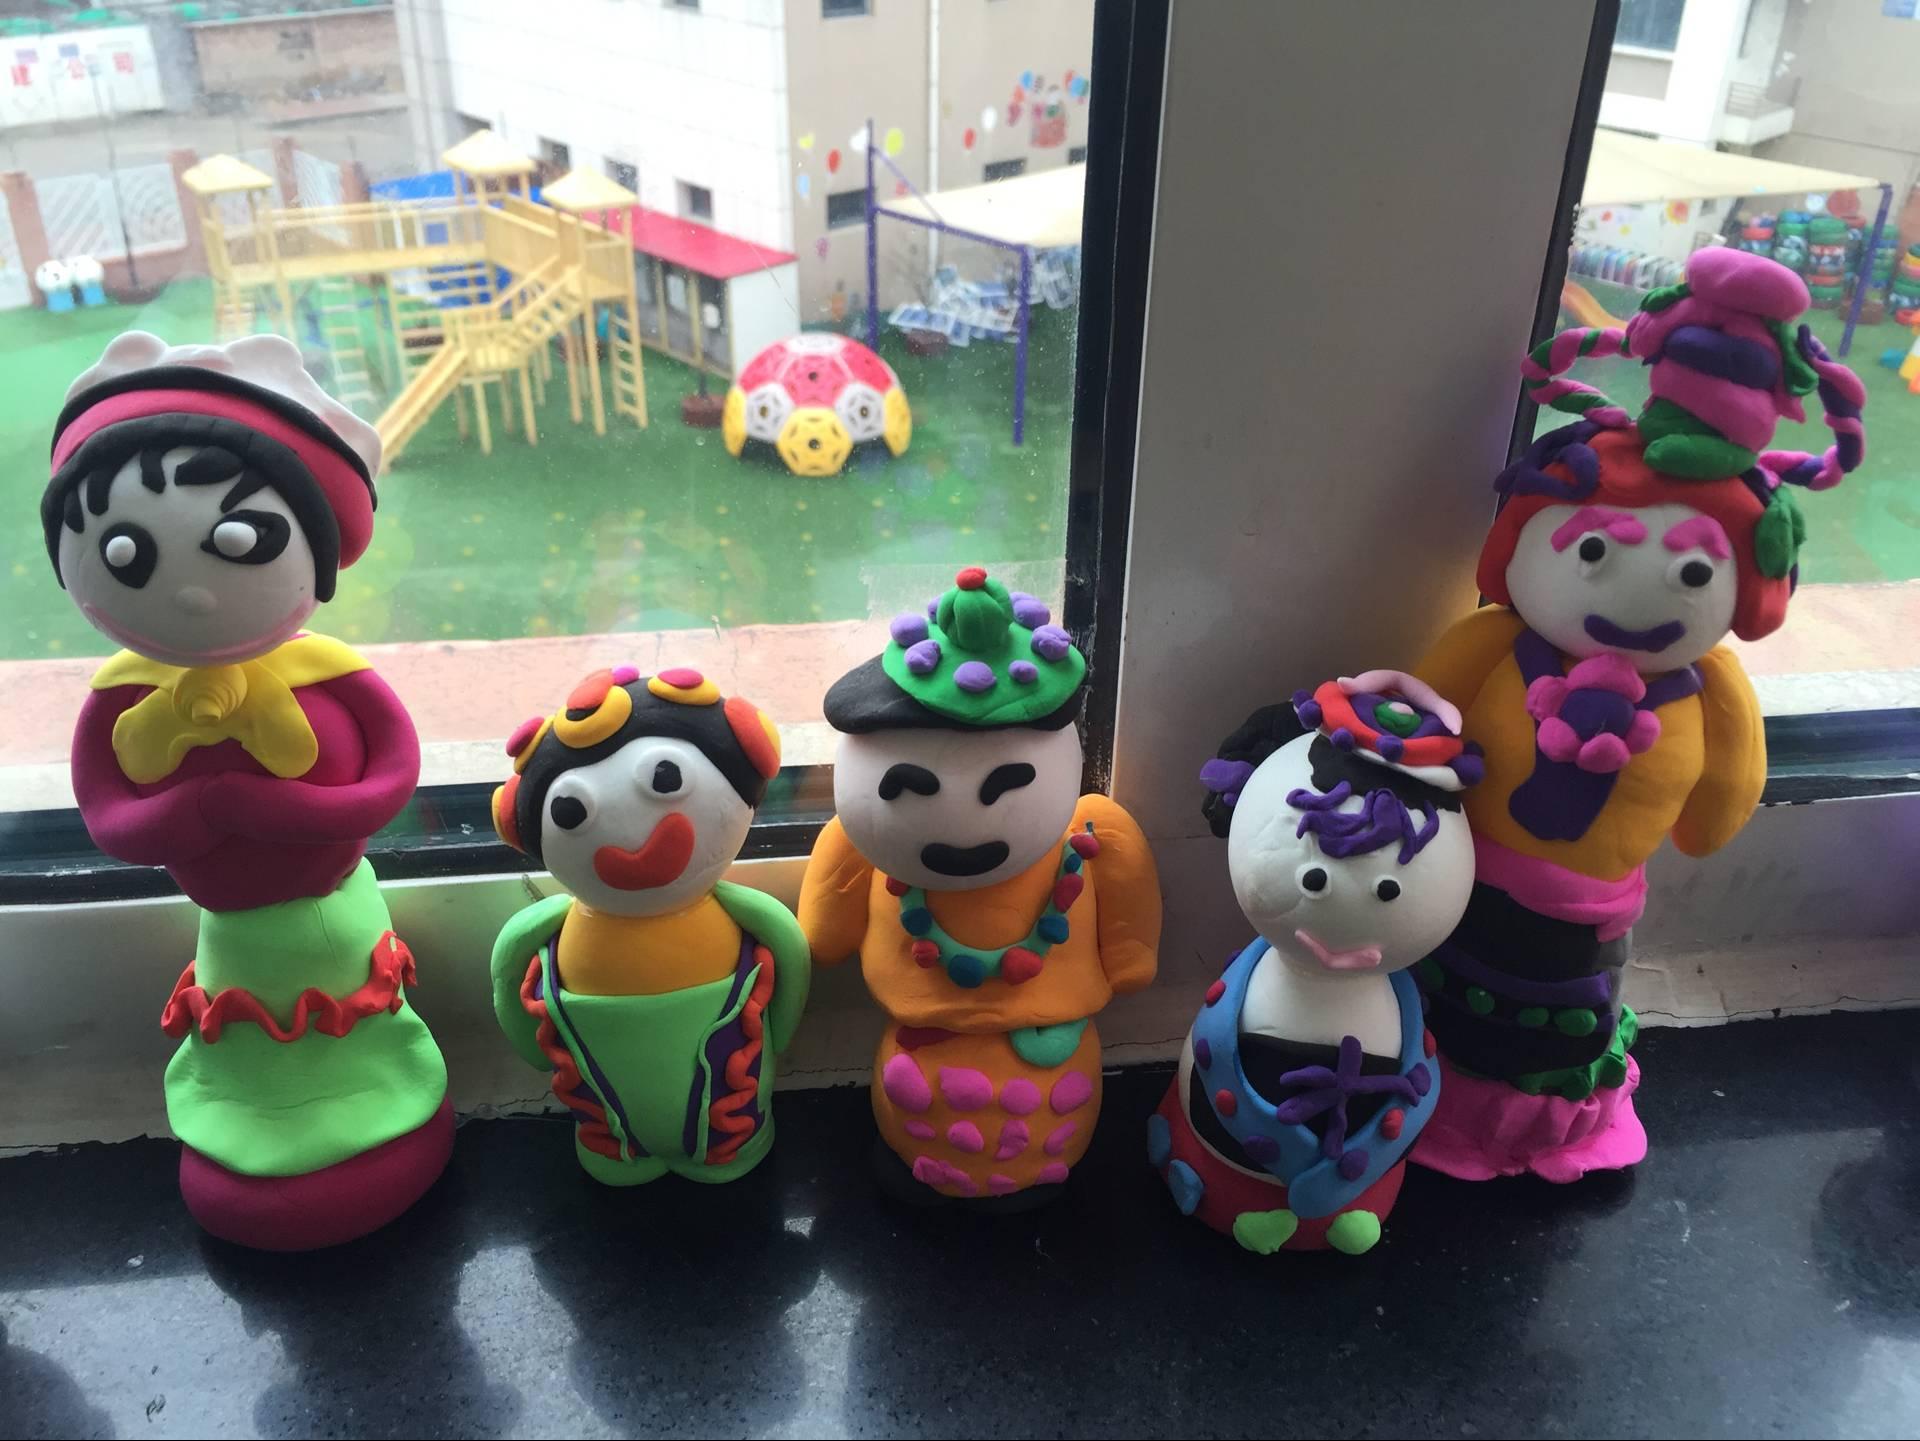 园本的泥工特色活动已逐渐形成特色,孩子们喜欢的民族娃娃各式各样,不同的头饰、不同的神情、不同的服饰、不同的姿势、栩栩如生的民族娃娃显得如此生动。孩子们小手的肌肉动作已非常灵活,希望孩子们以后的作品越来越出色。快来看一看都是谁的作品吧